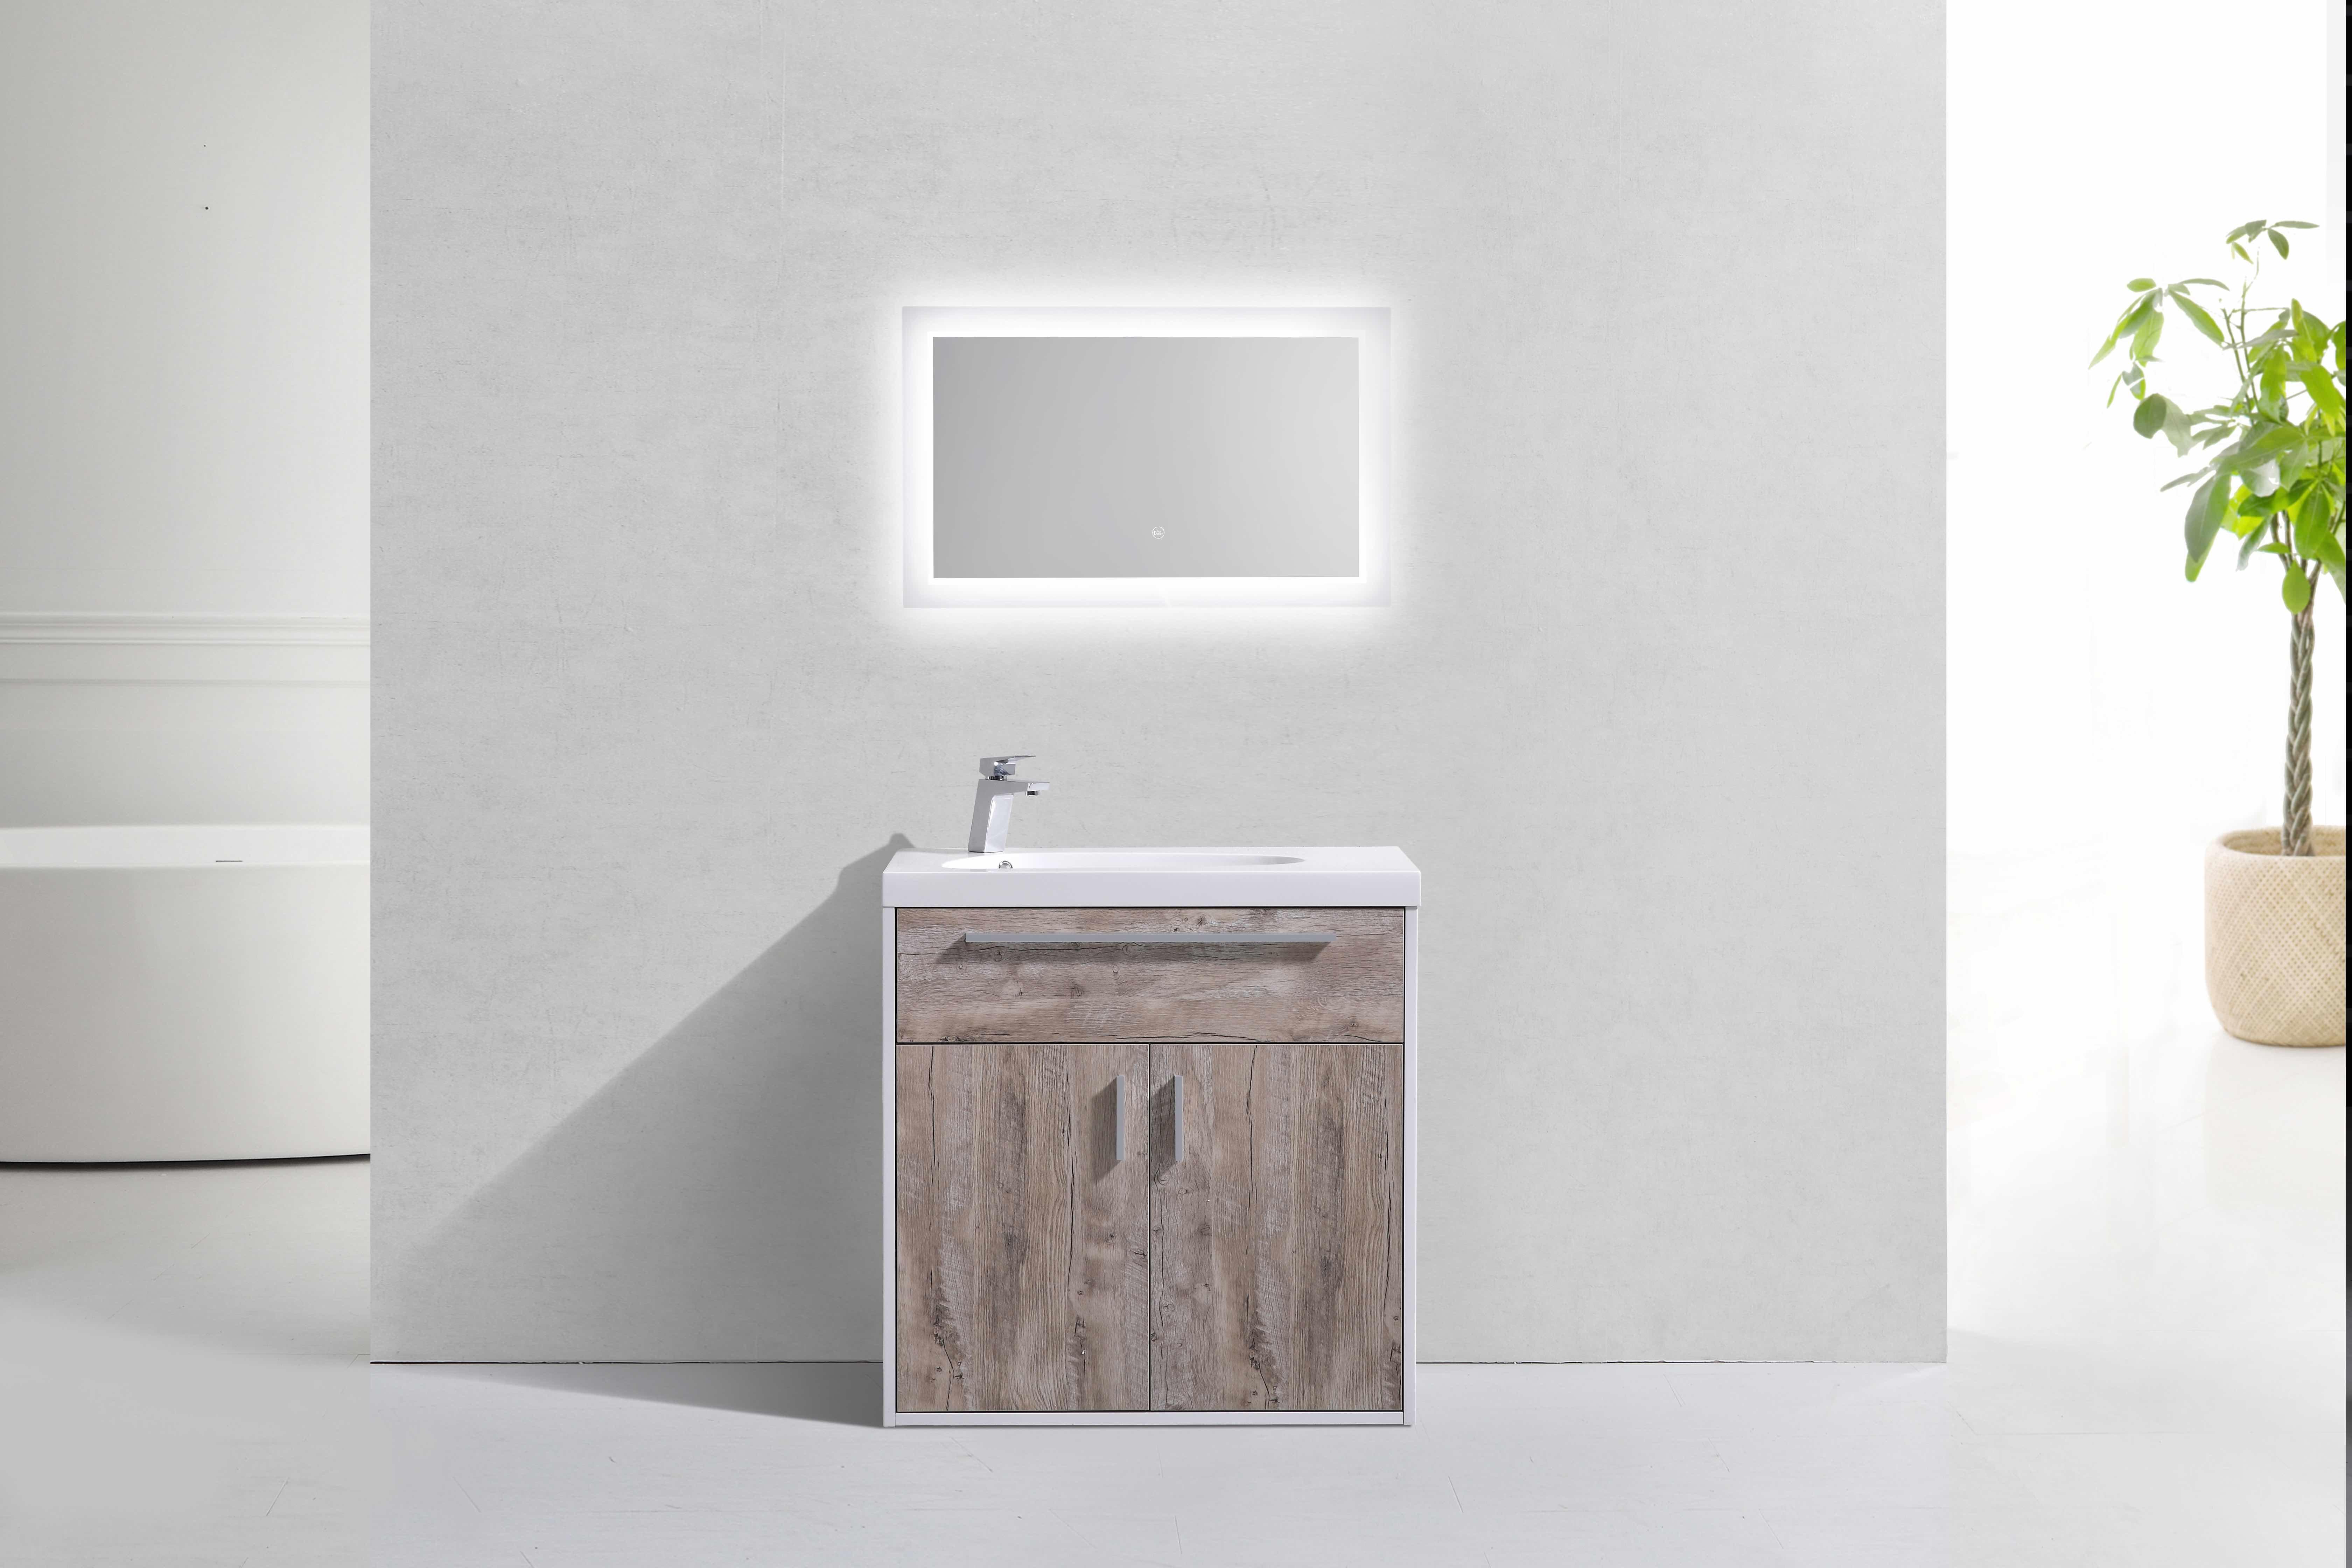 Vanit Meuble De Salle De Bain 32 Roma Pure Design Brossard